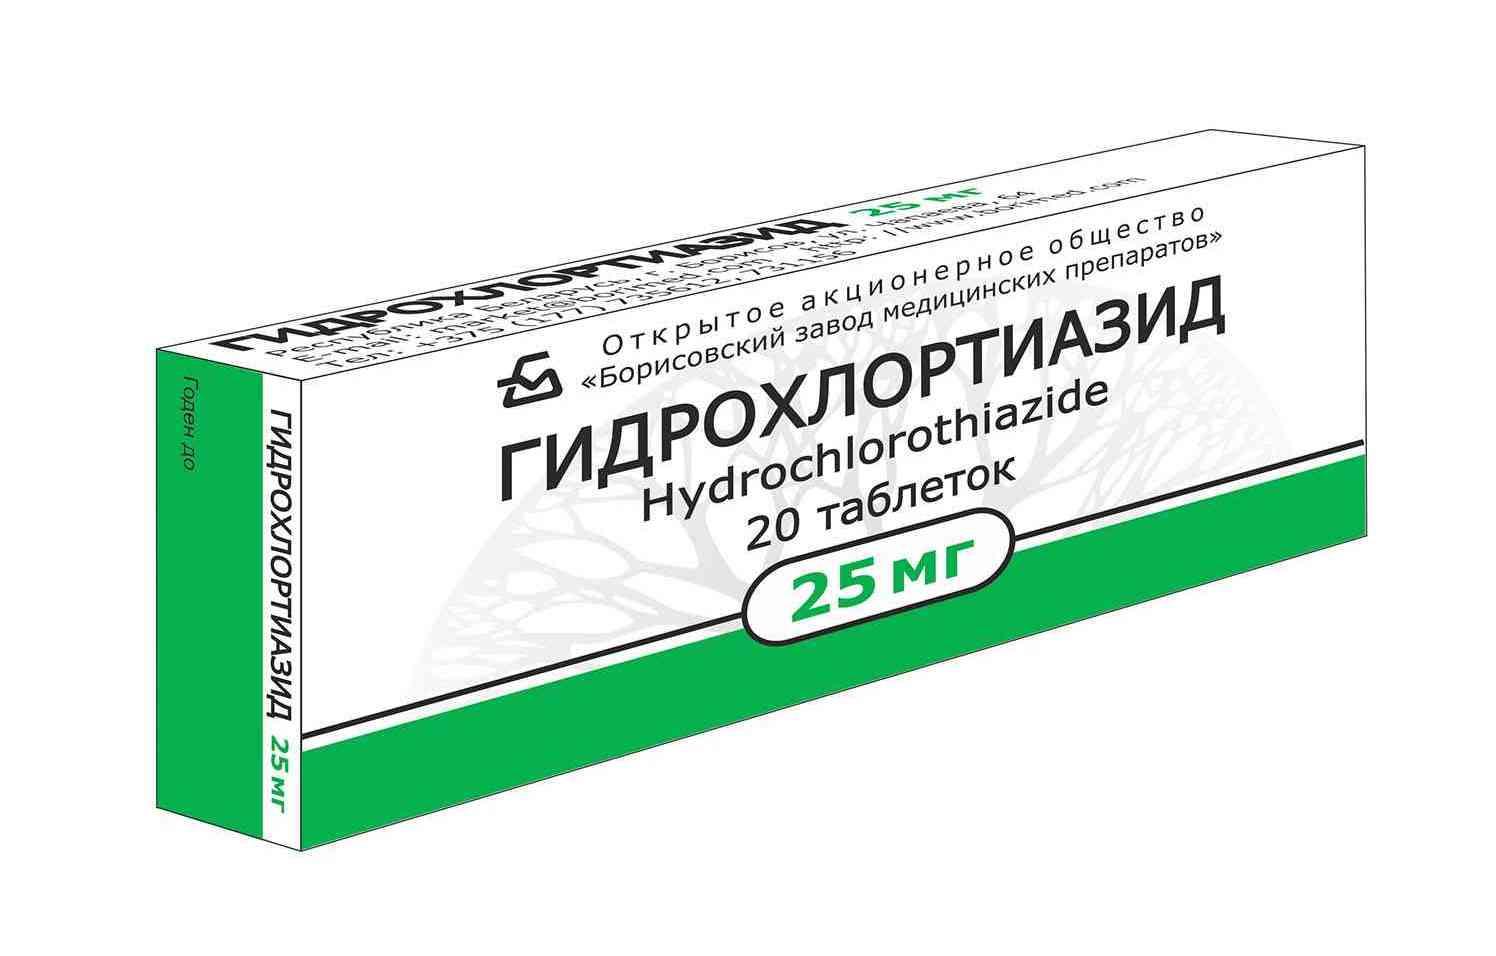 magas vérnyomás elleni gyógyszerek monoterápiája magas vérnyomás okozta szembetegségek